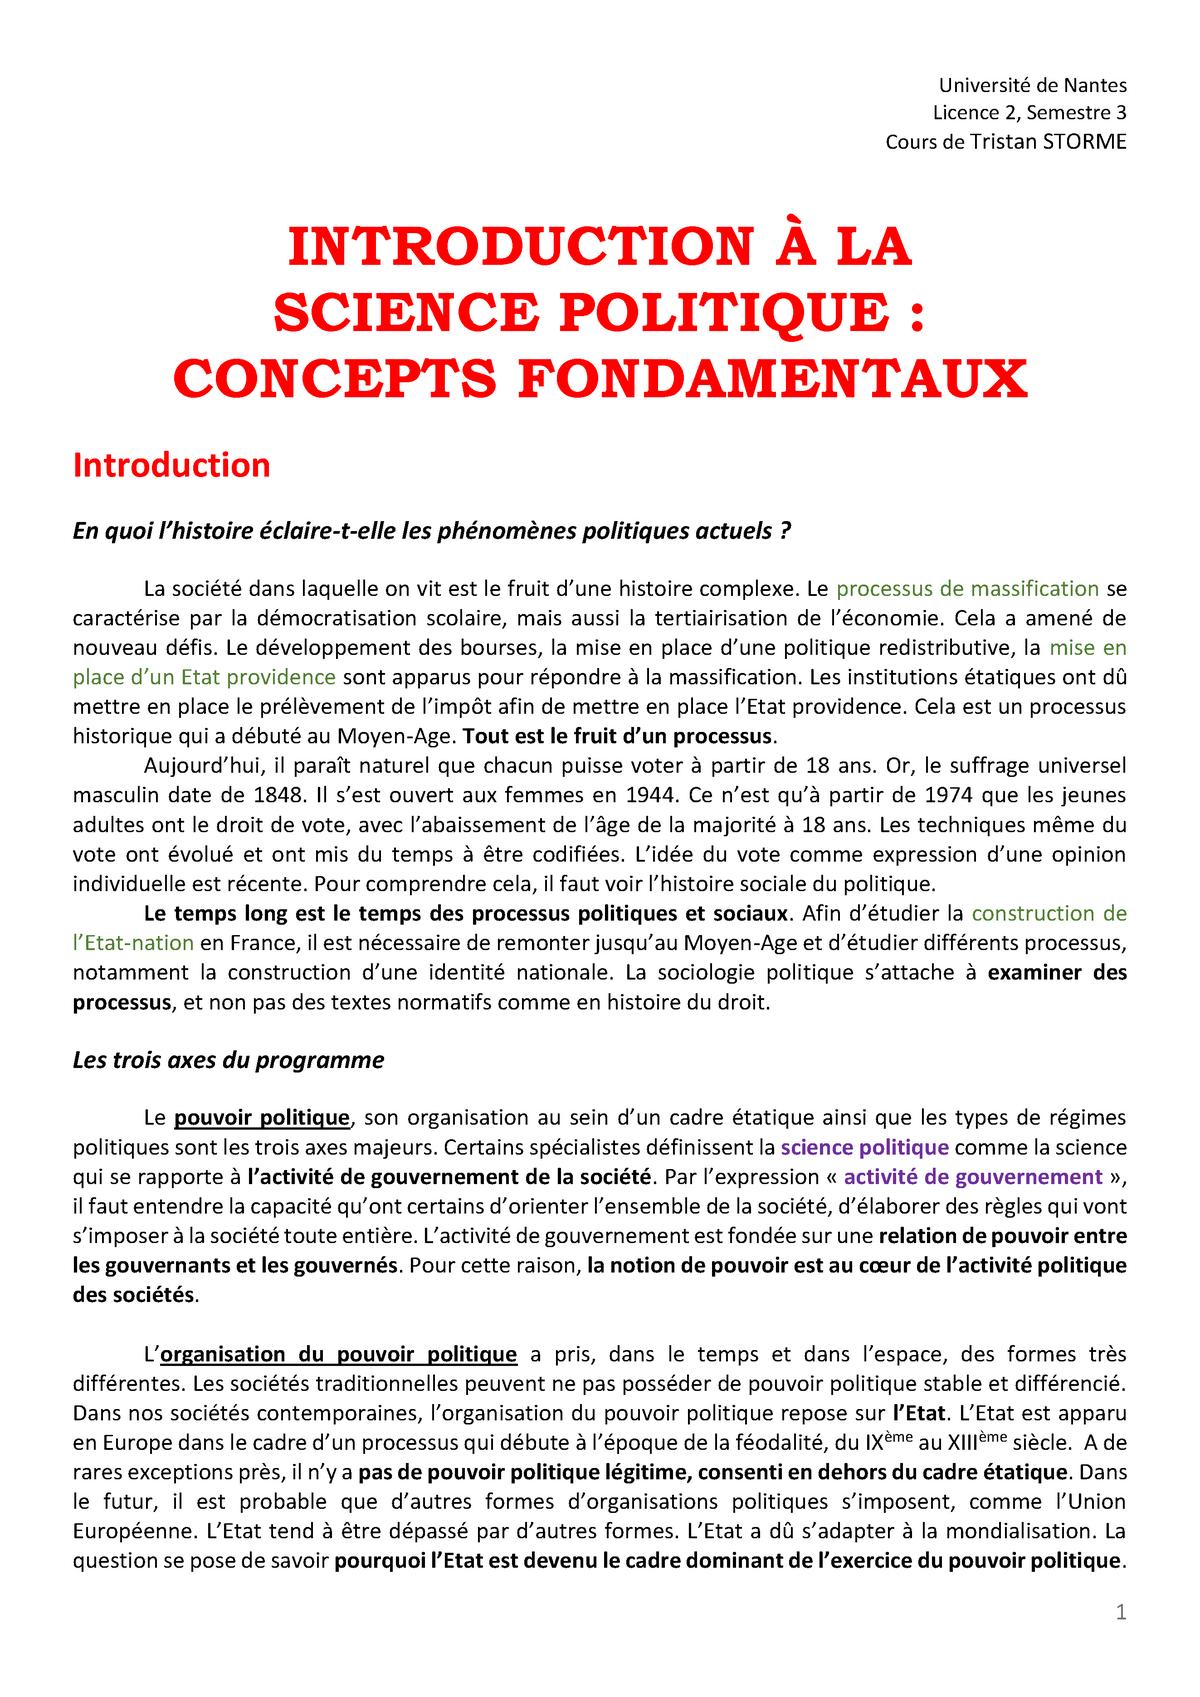 introduction a u0300 la science politique concepts fondamentaux